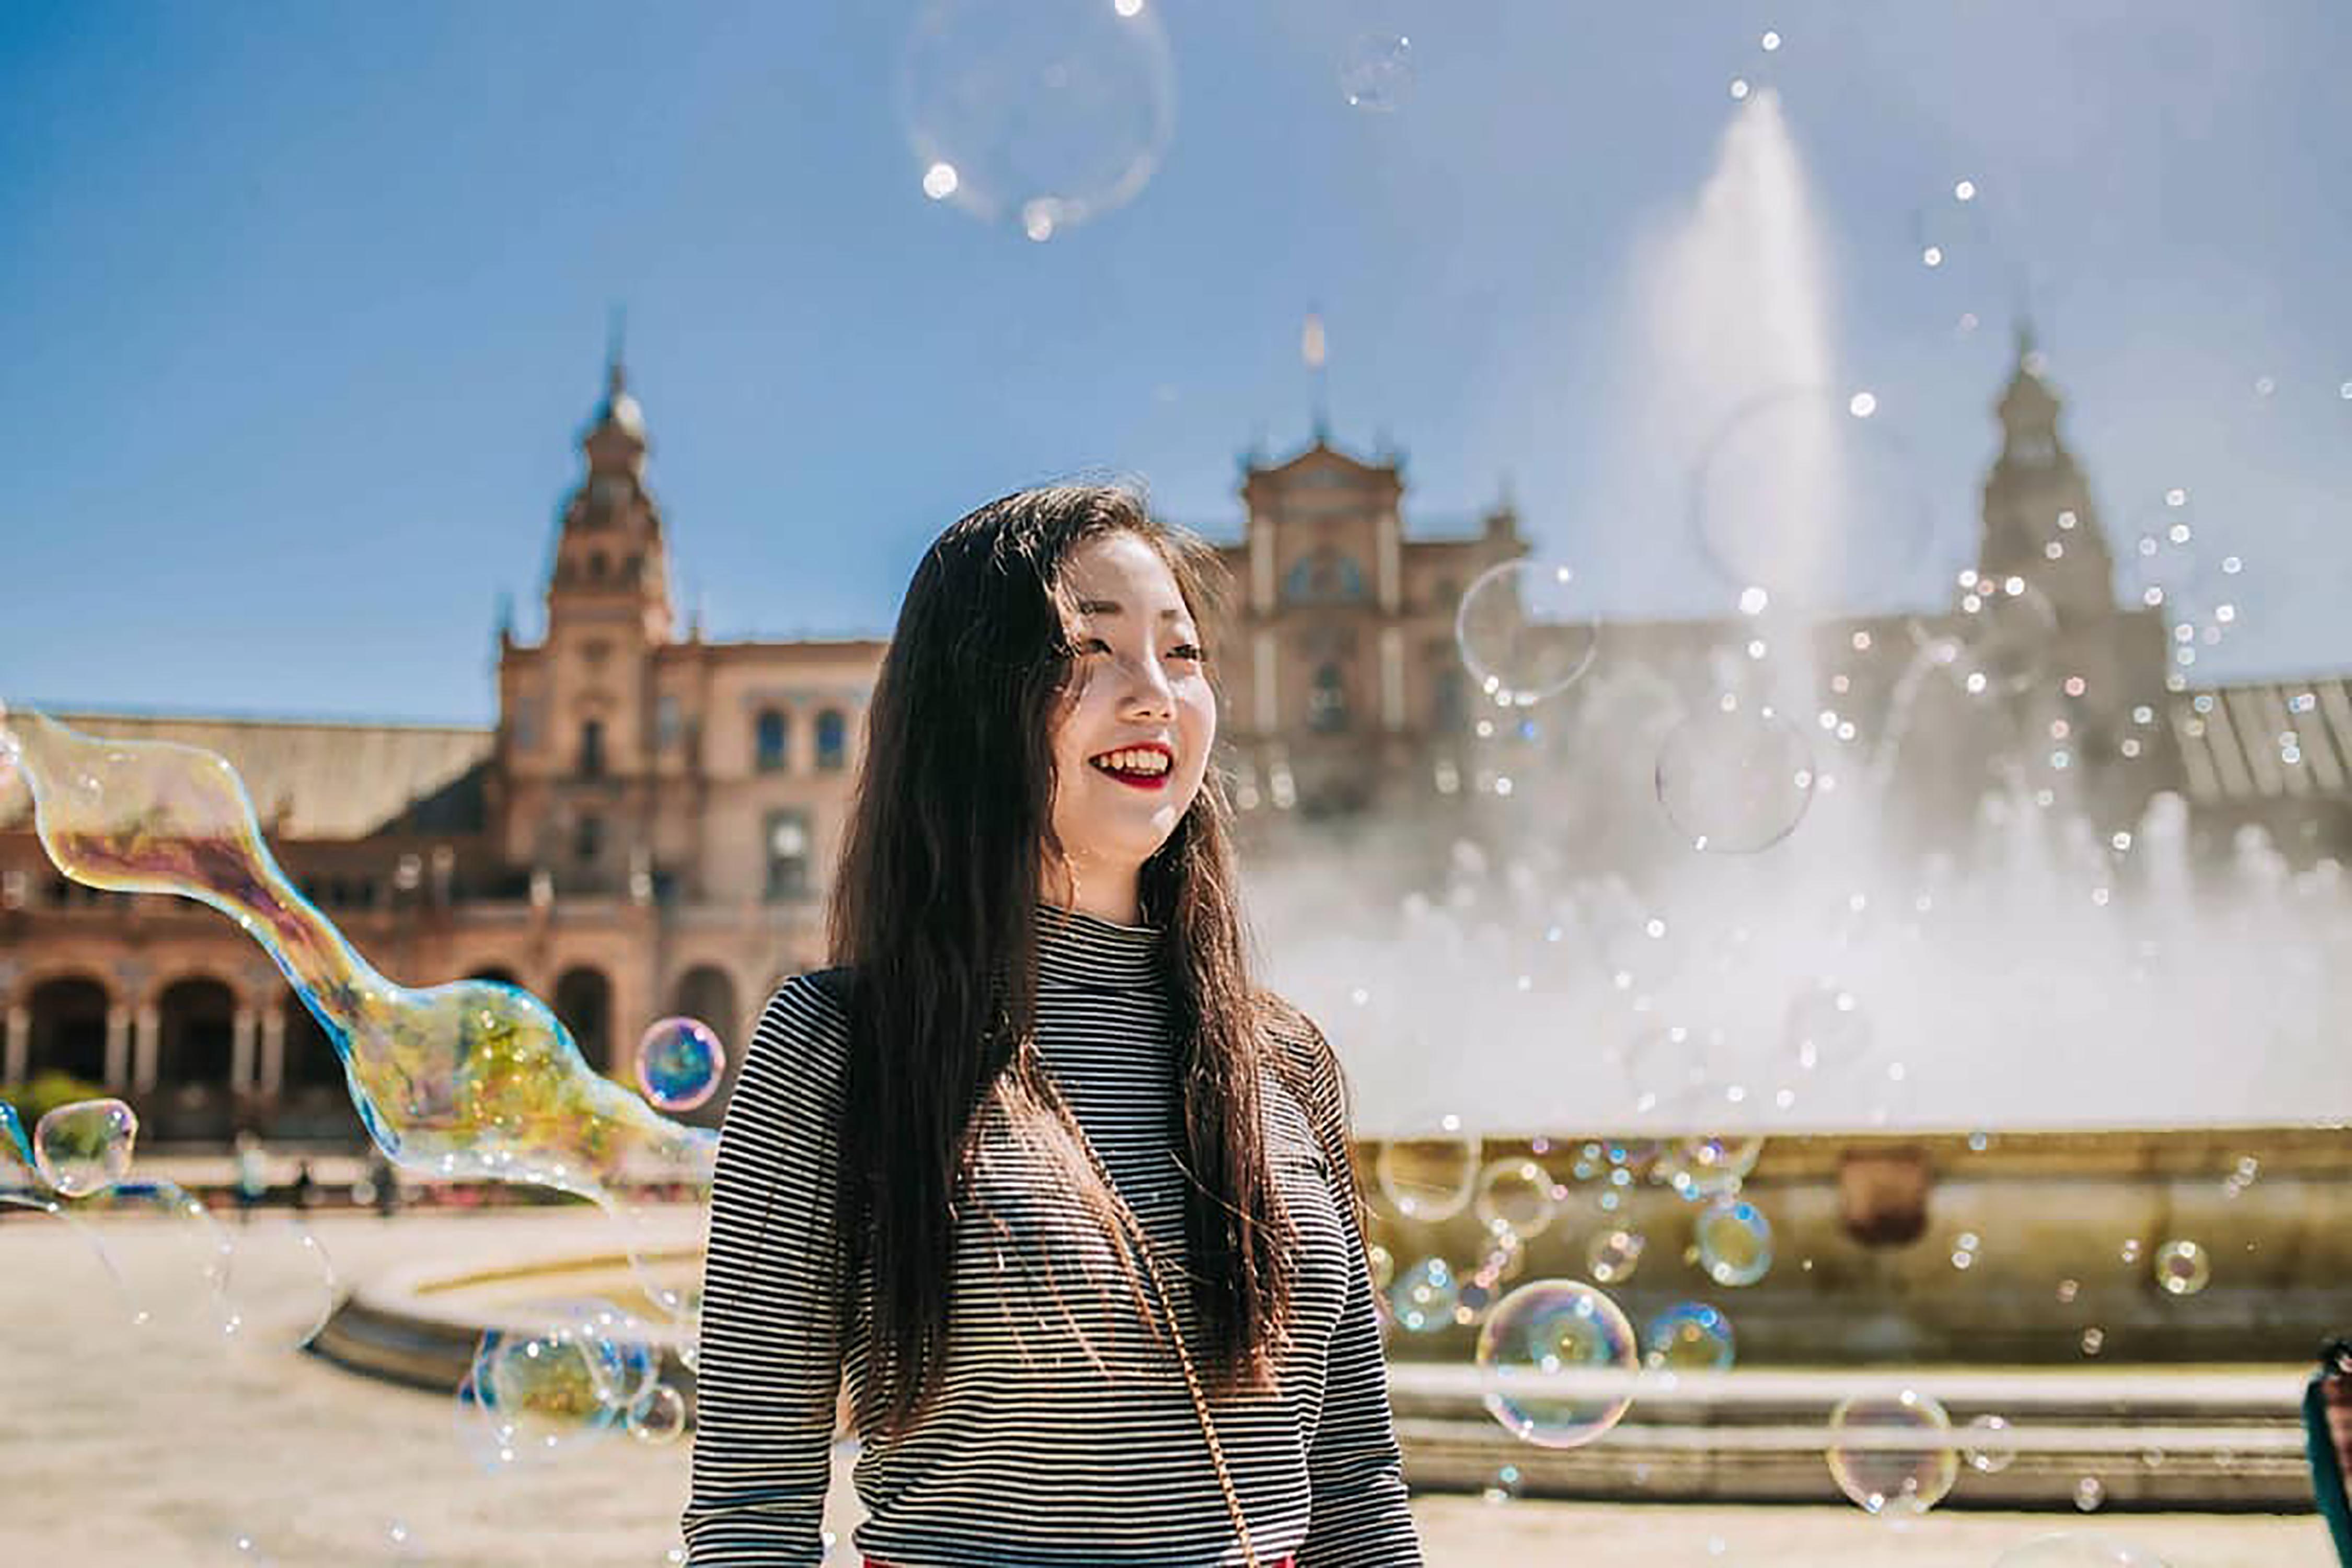 Cómo hacer la vida más fácil al turista -Andalucía Lab